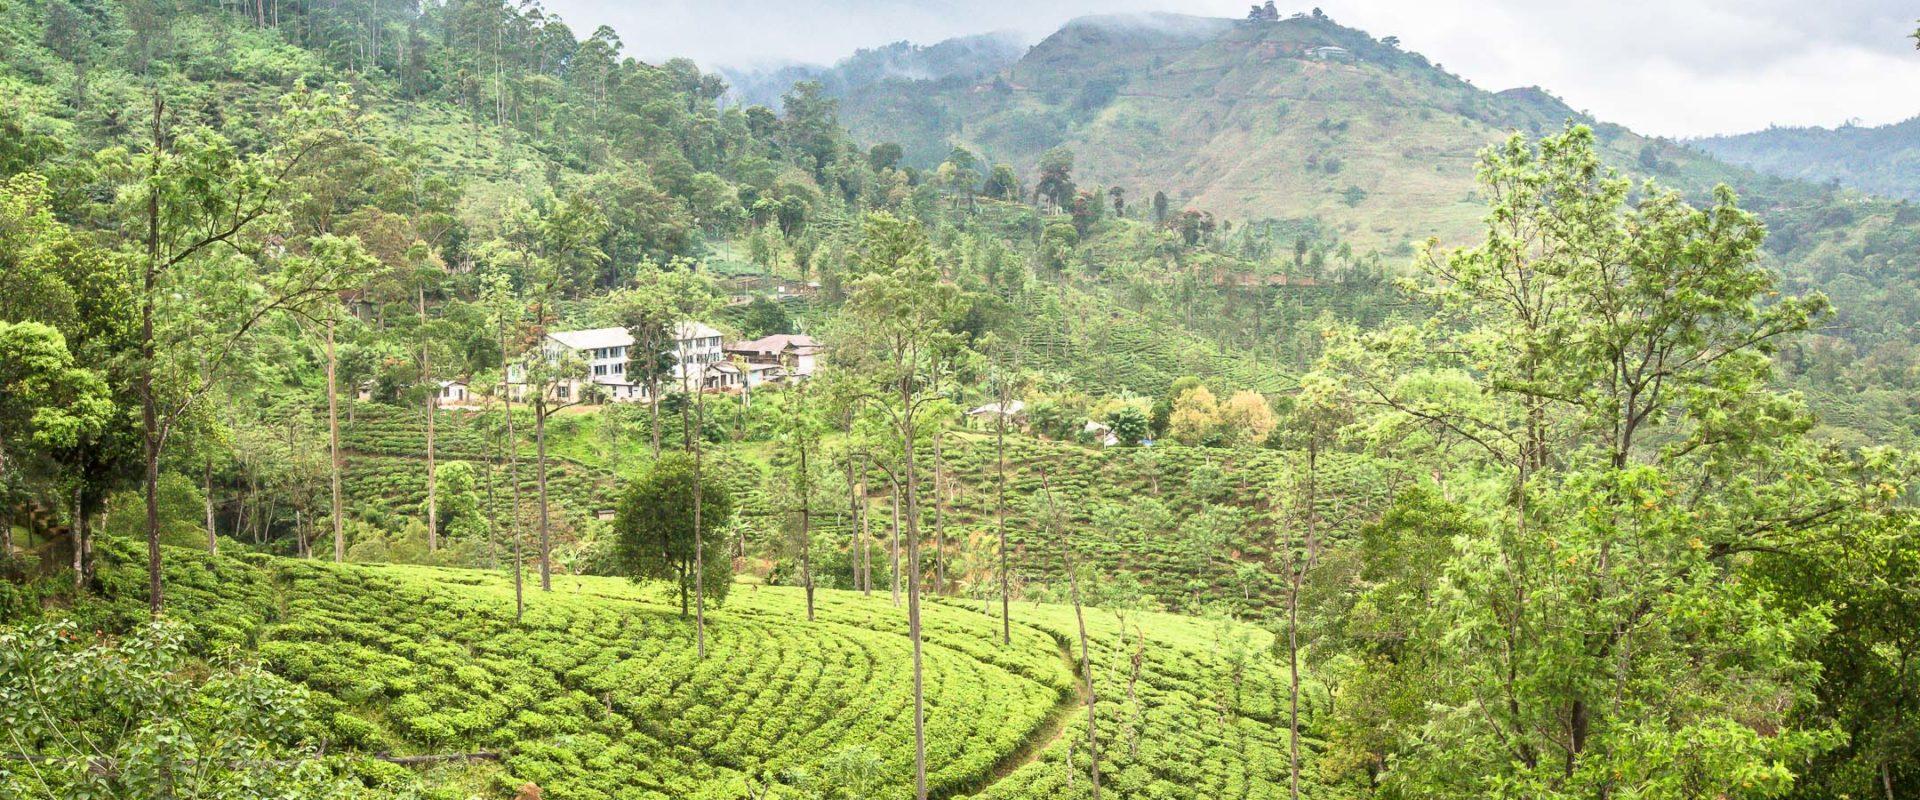 Au Coeur Des Plantations De Thé Au Sri Lanka